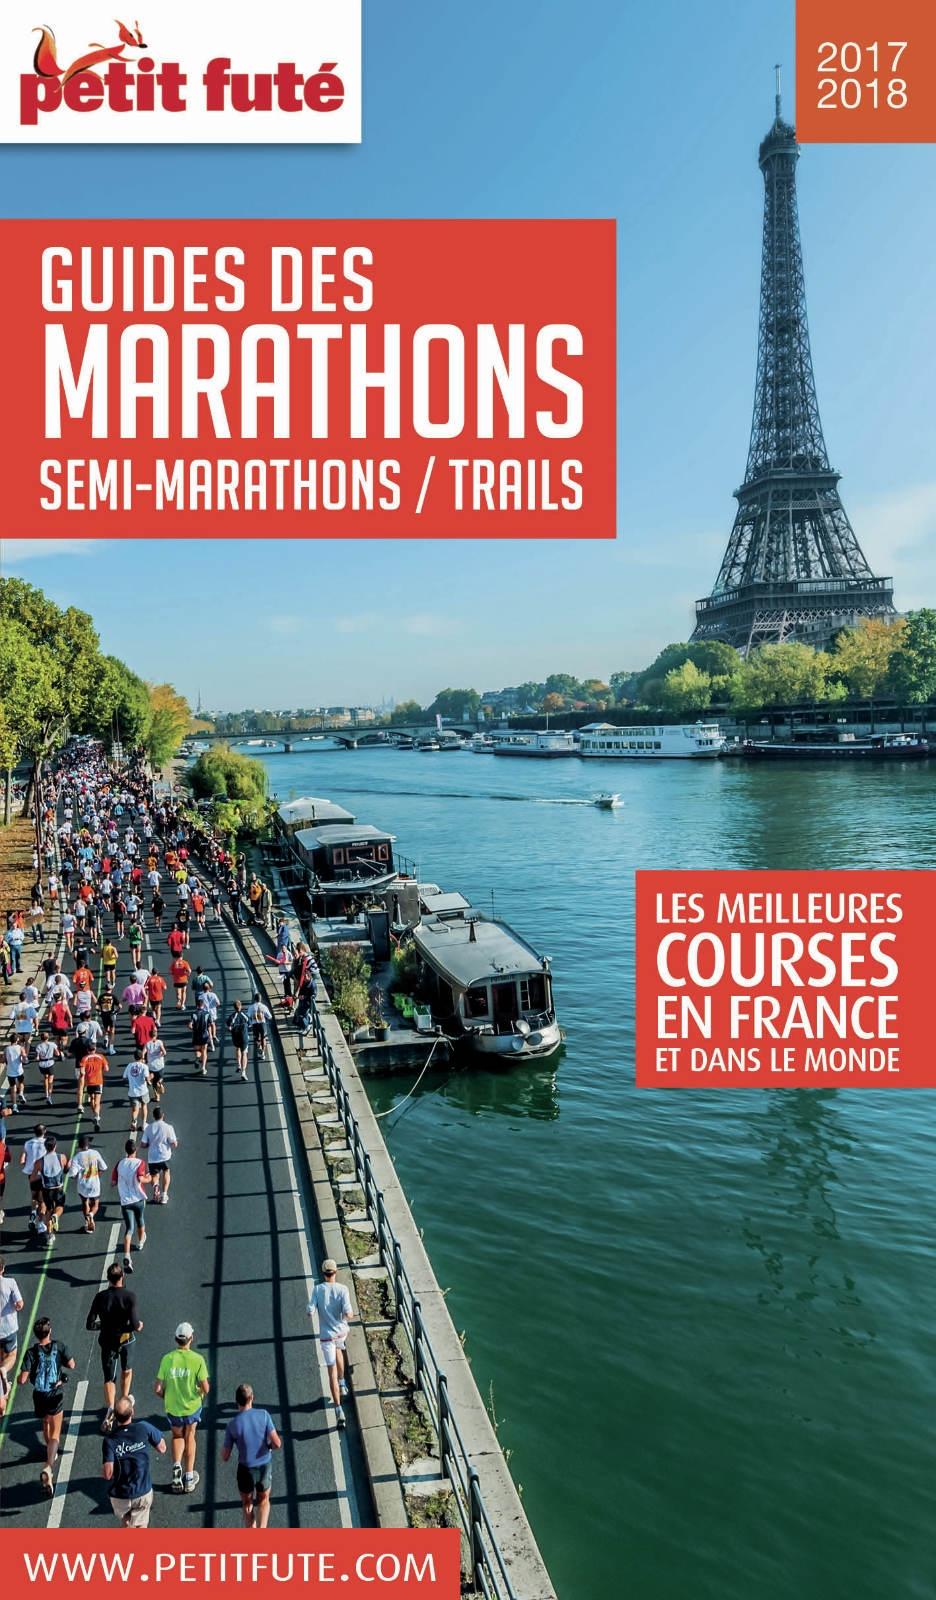 GUIDE DES MARATHONS / SEMI MARATHONS / TRAILS 2017/2018 Petit Futé